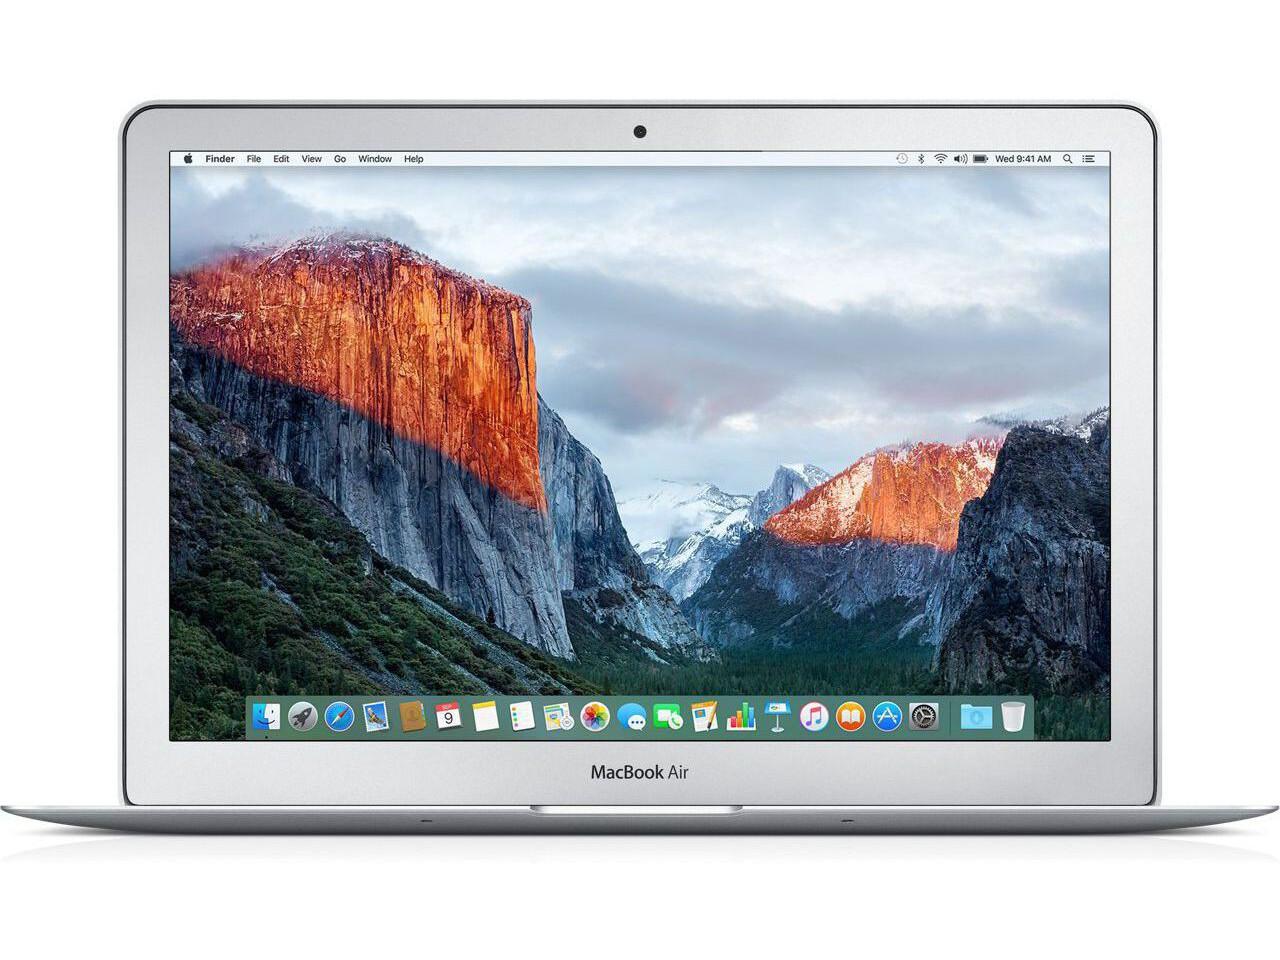 macbook air 13 inch 2015 silver